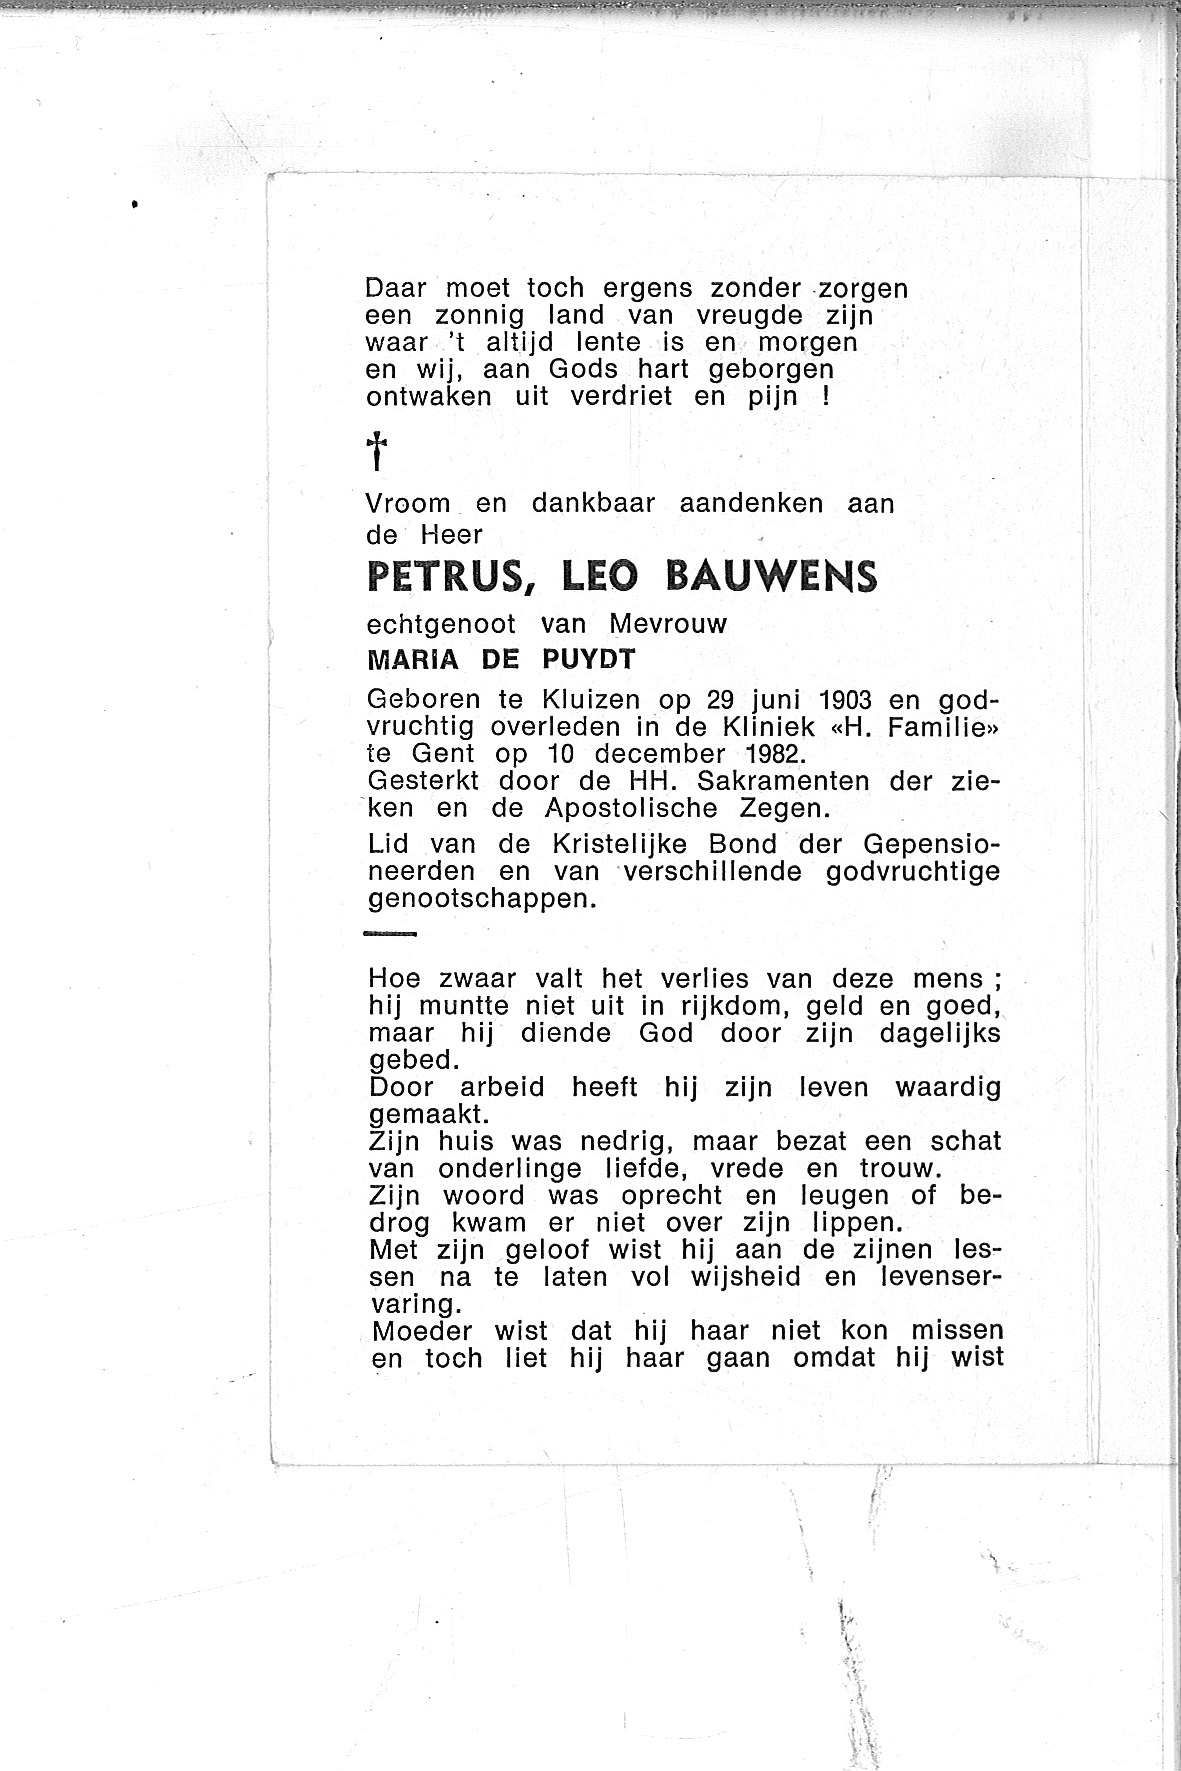 Petrus-Leo(1982)20130828133432_00057.jpg